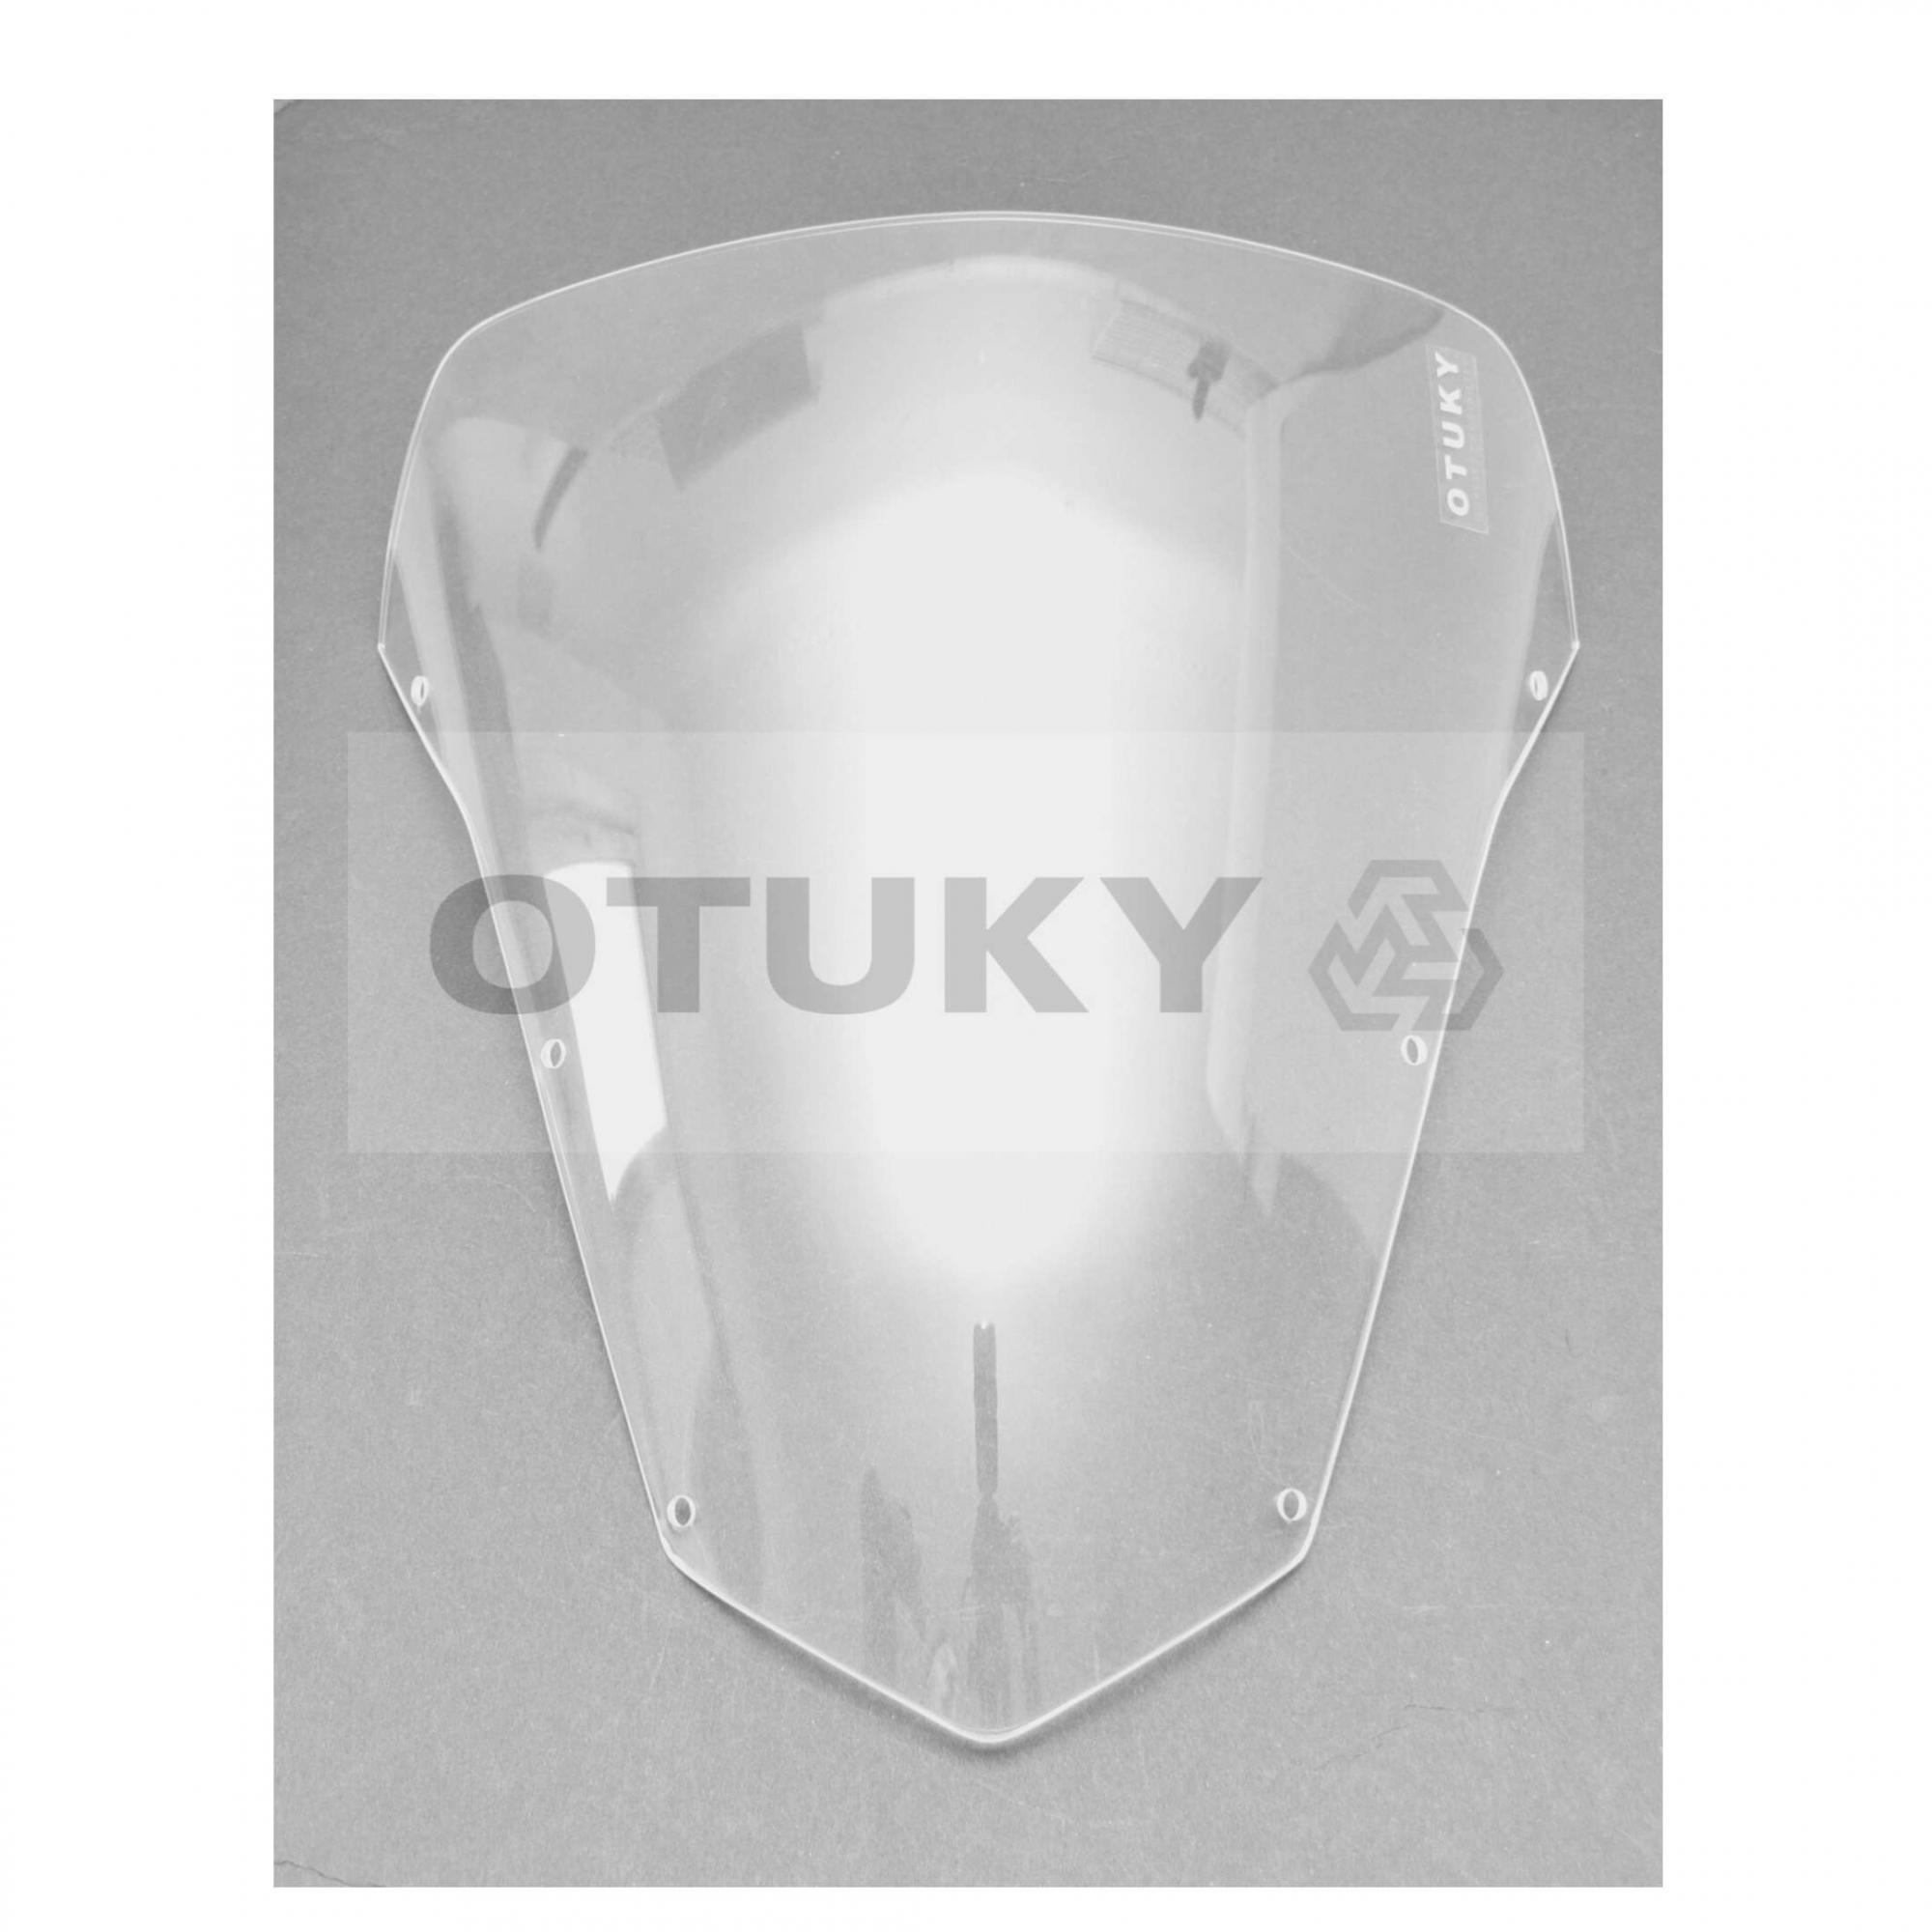 Bolha para Moto Fazer 600 FZ 6 S 2007 2008 2009 2010 Otuky Padrão Cristal